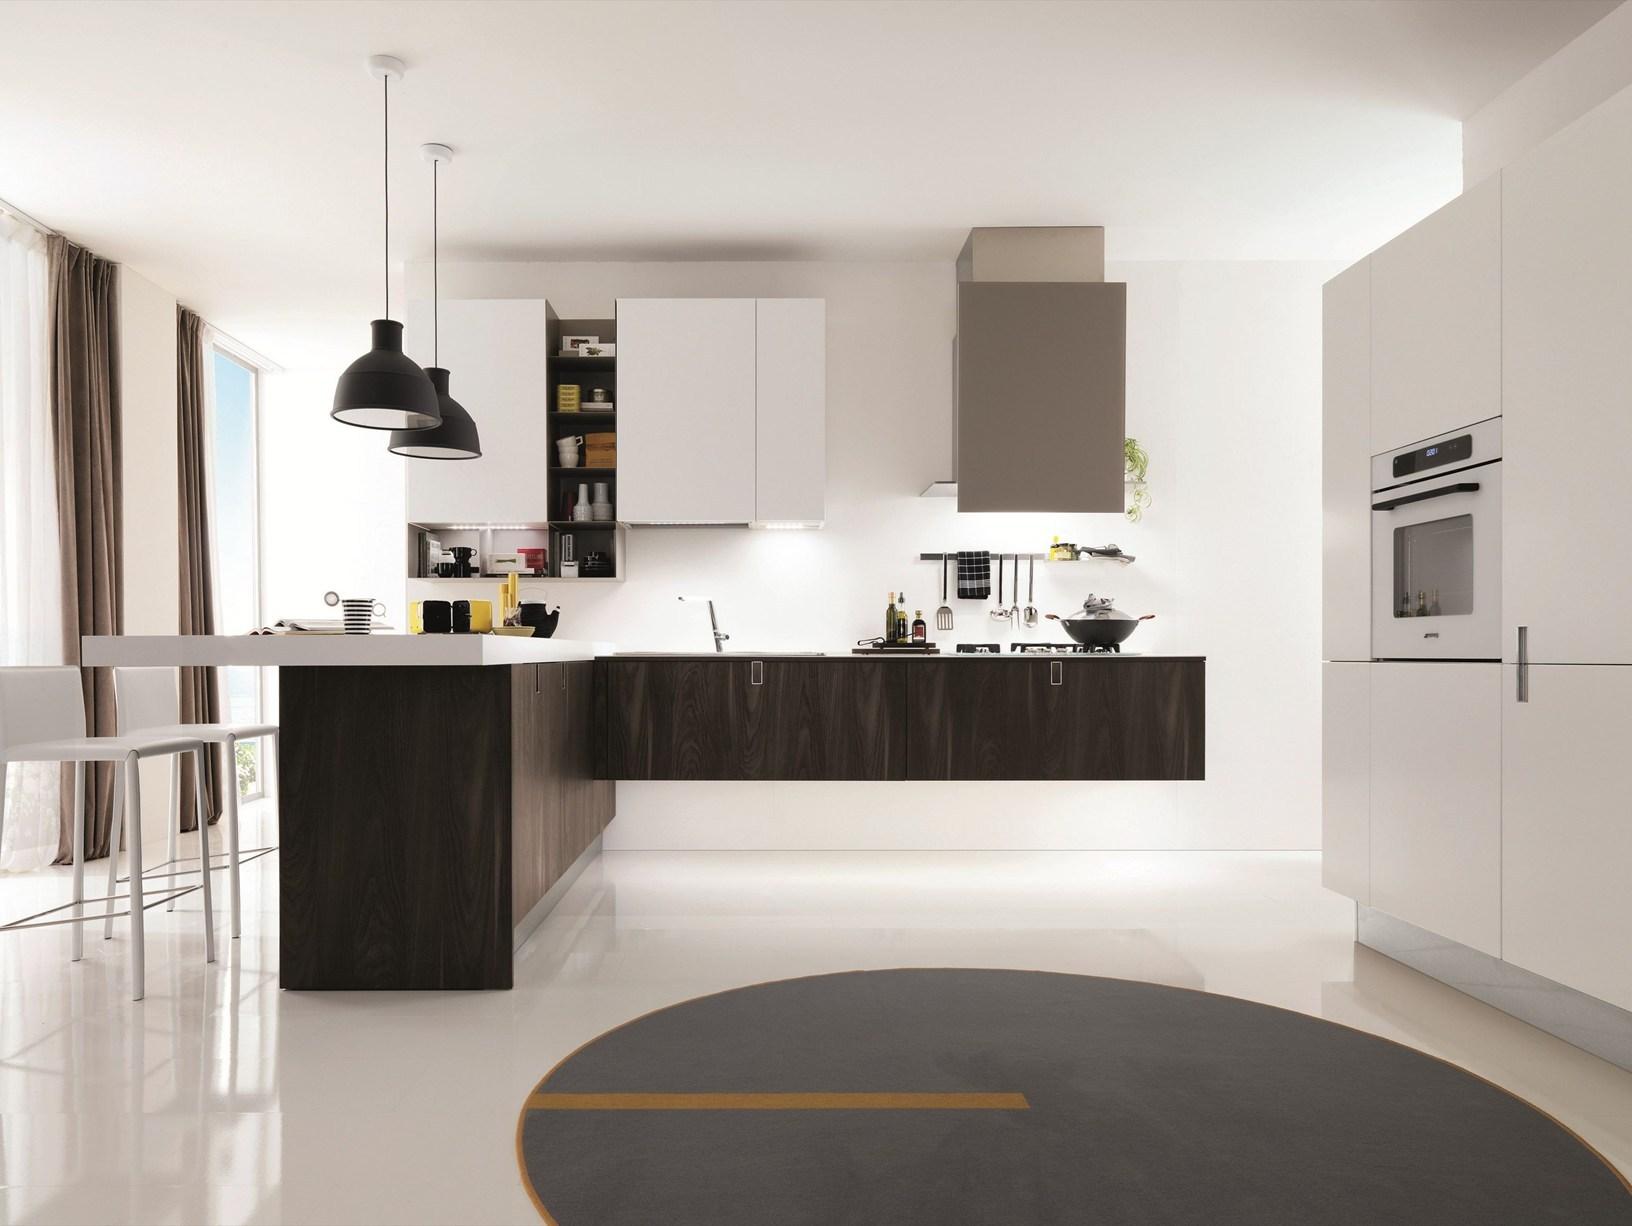 39 kitchen design formula 39 by euromobil - Cucine euromobil ...